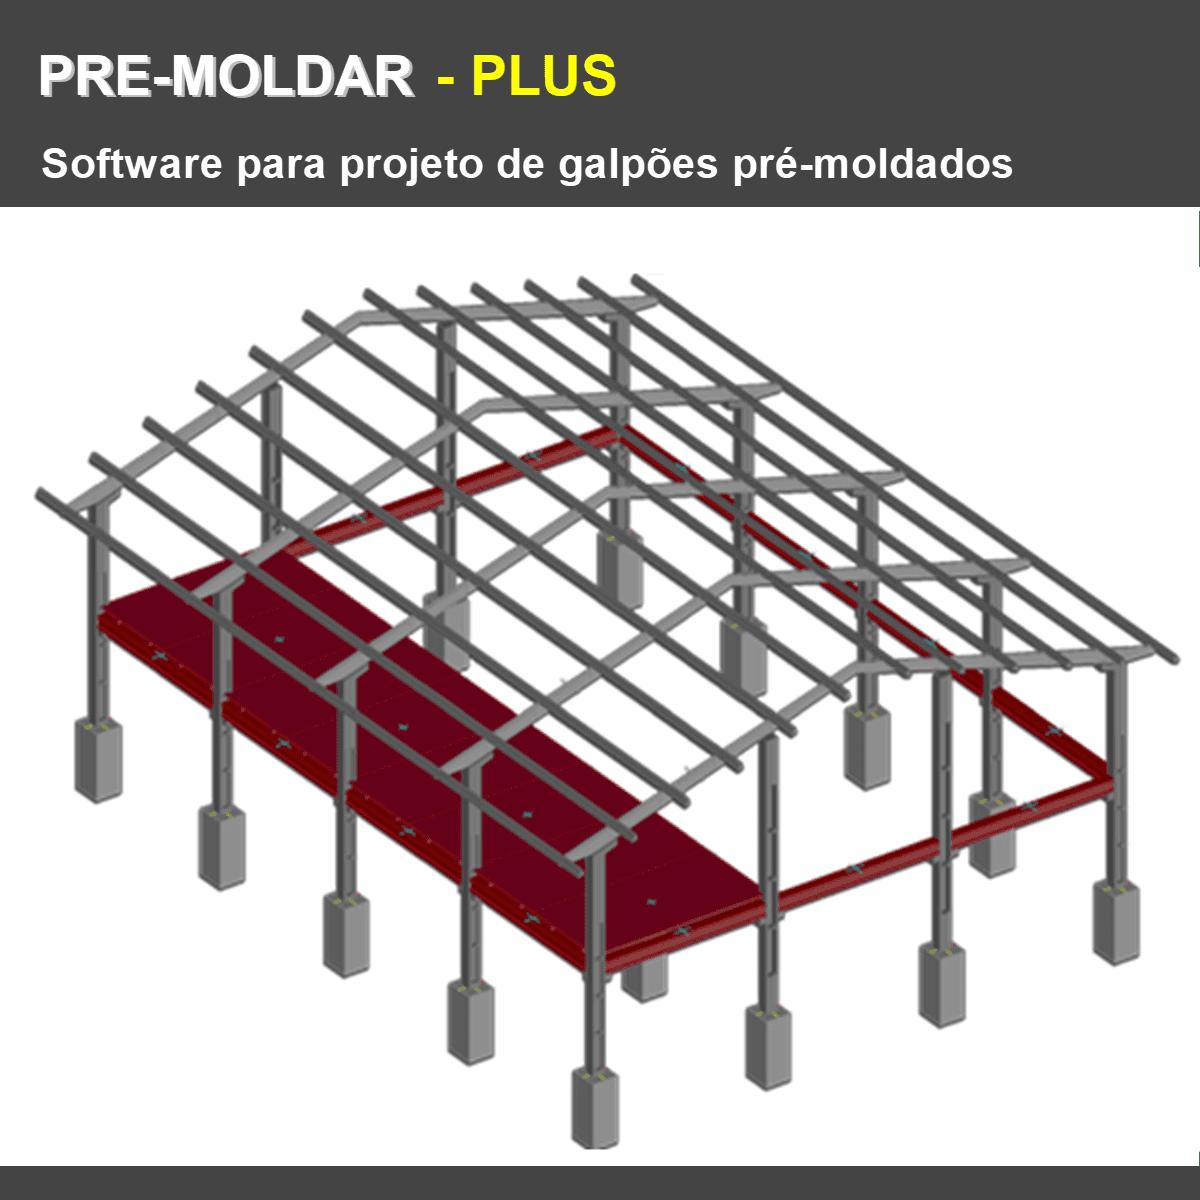 Software PRE-Moldar PLUS versão 18  - MULTIPLUS SOFTWARES